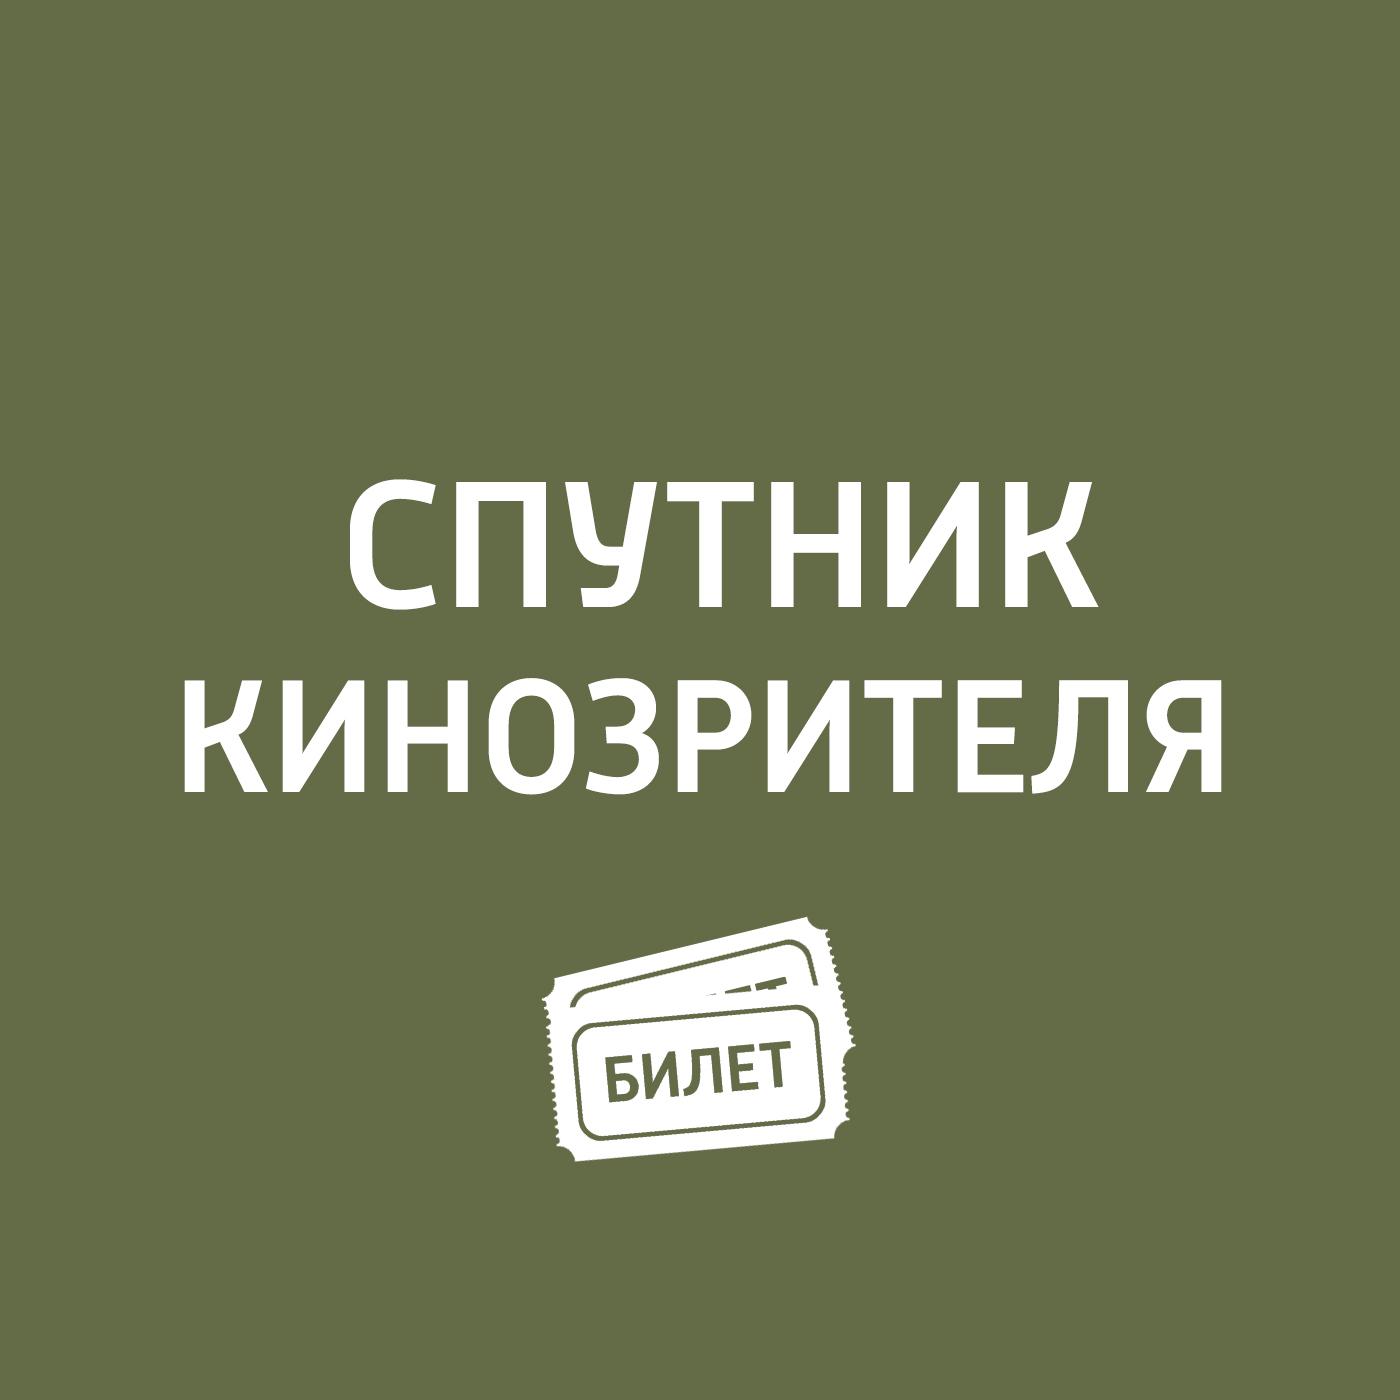 Антон Долин Сергей Фёдорович Бондарчук антон долин итоги премии оскар 2018